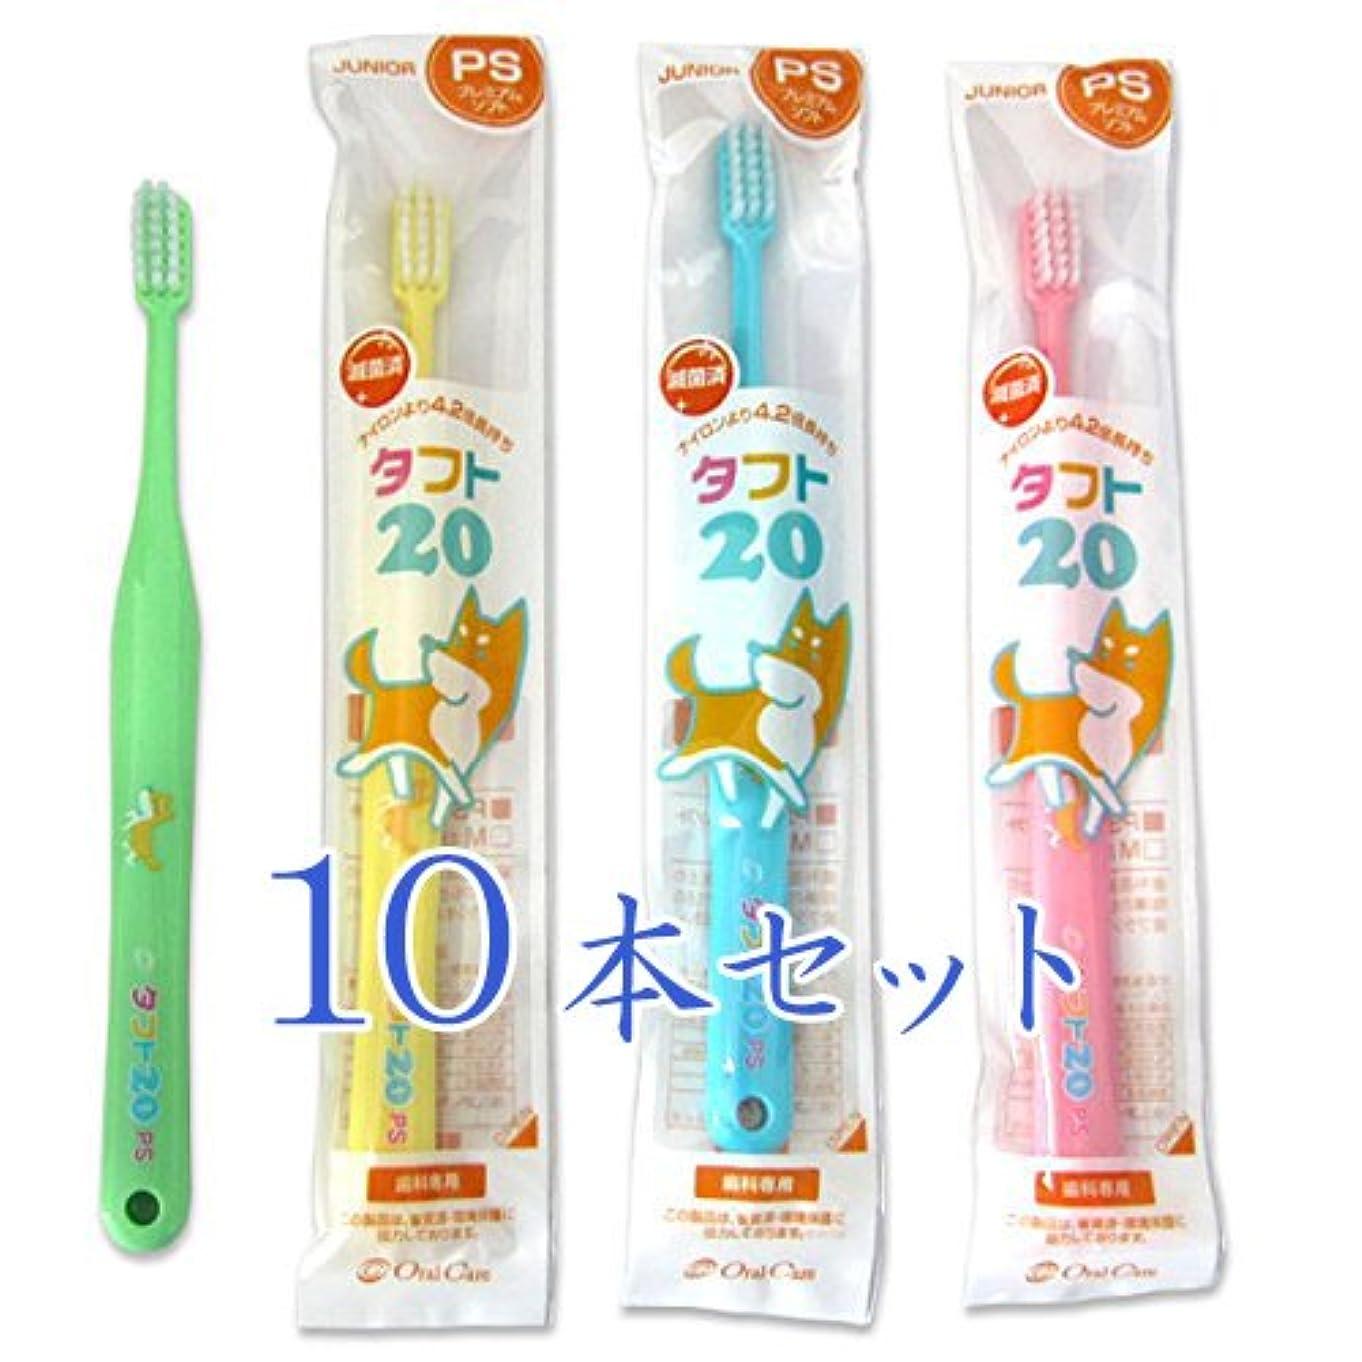 執着資料同志タフト20 PS プレミアムソフト 歯ブラシ混合歯列期用(6~12歳)×10本セット